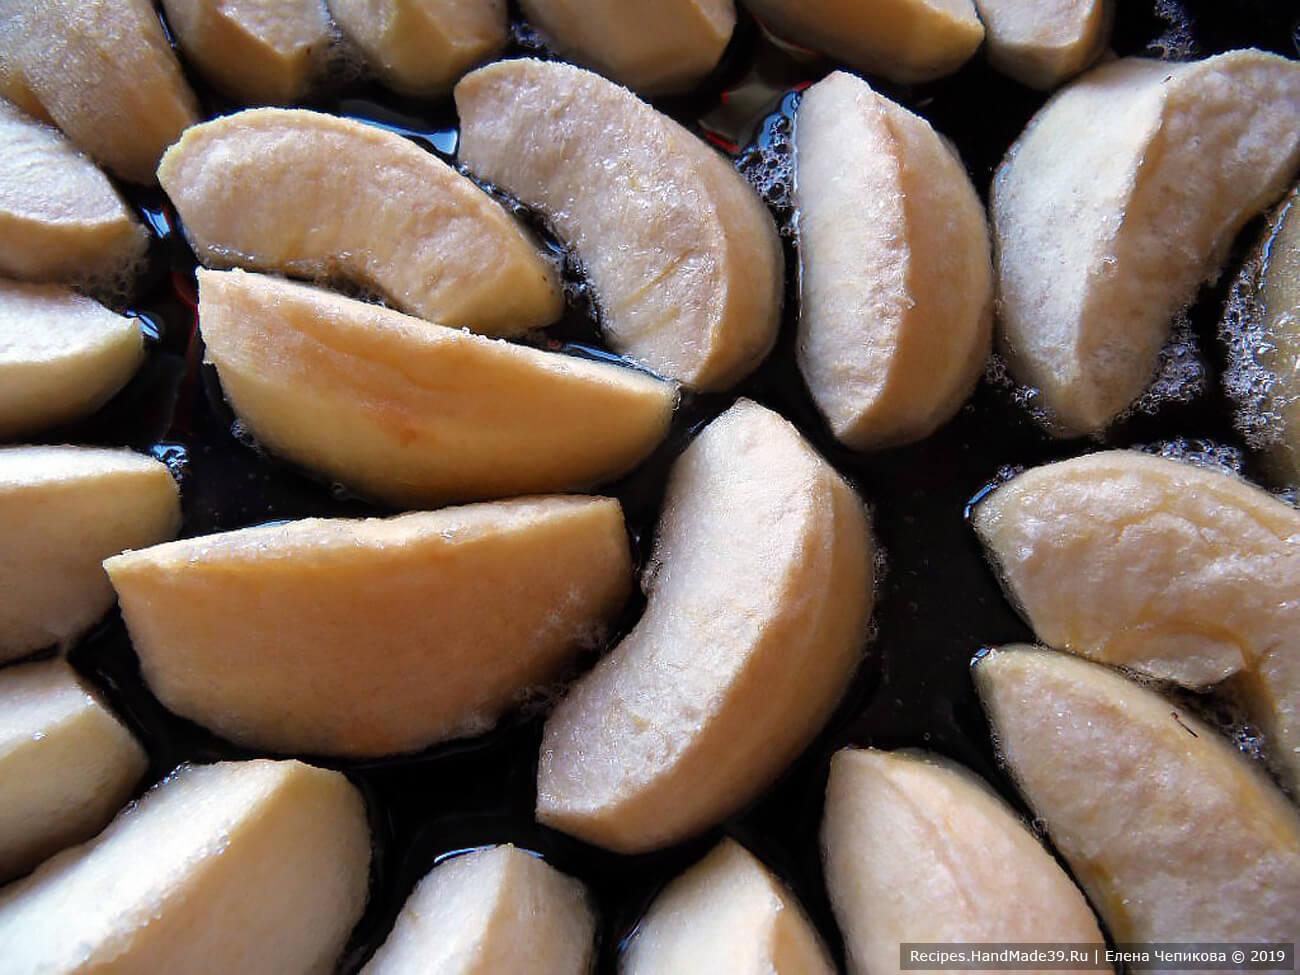 Карамелизовать яблоки 20 минут в духовке, разогретой до температуры 180 °C